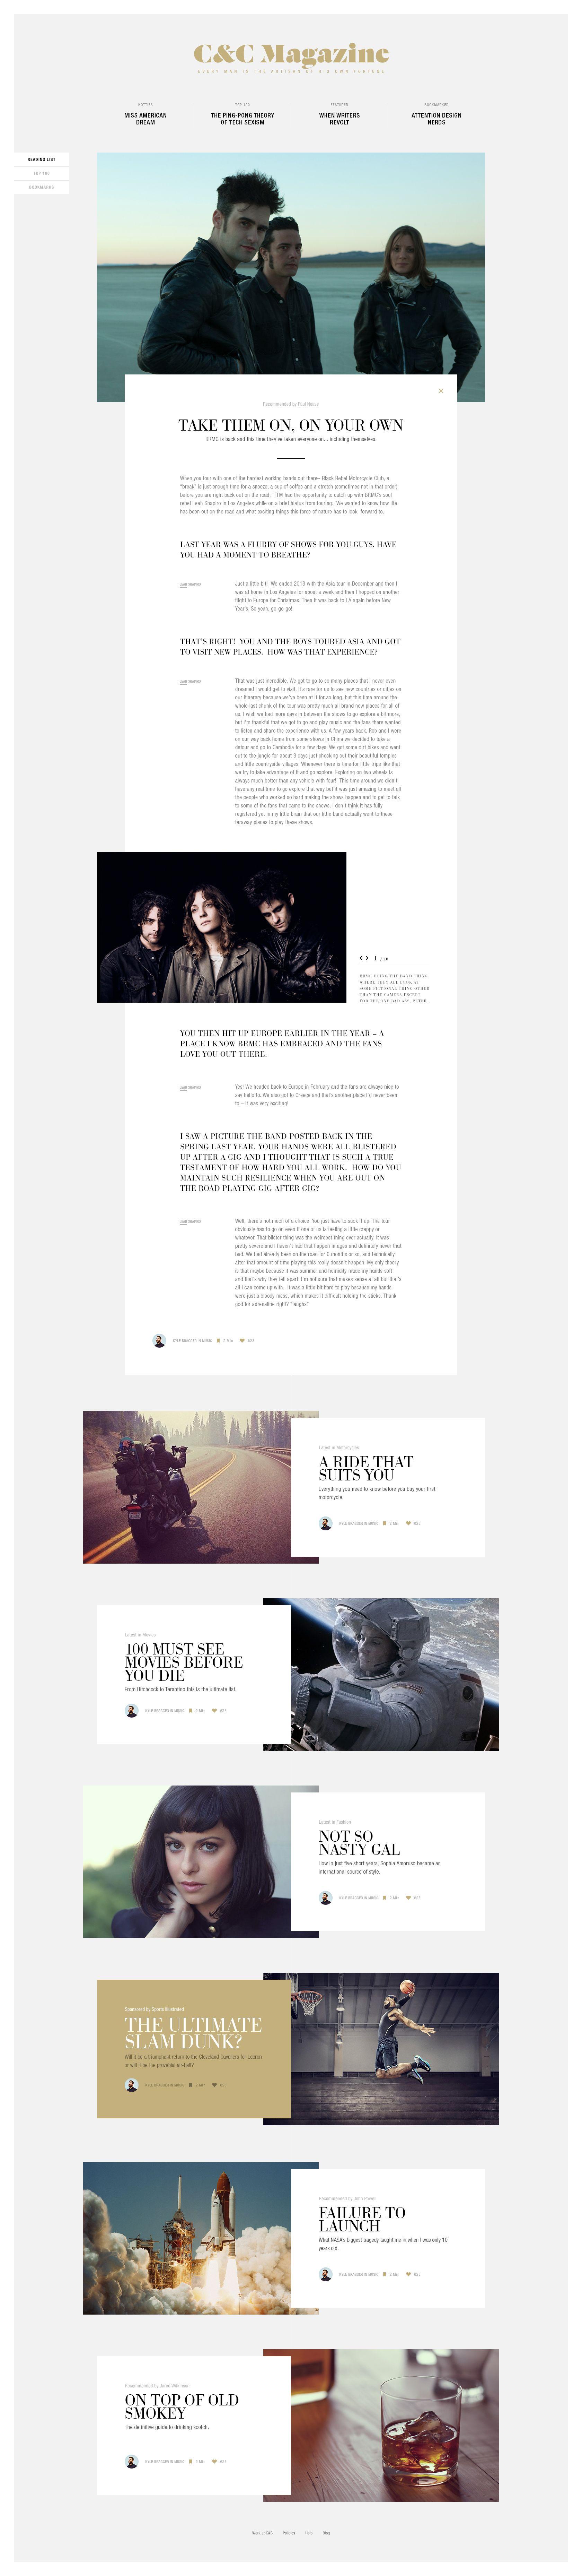 C&C Magazine Website